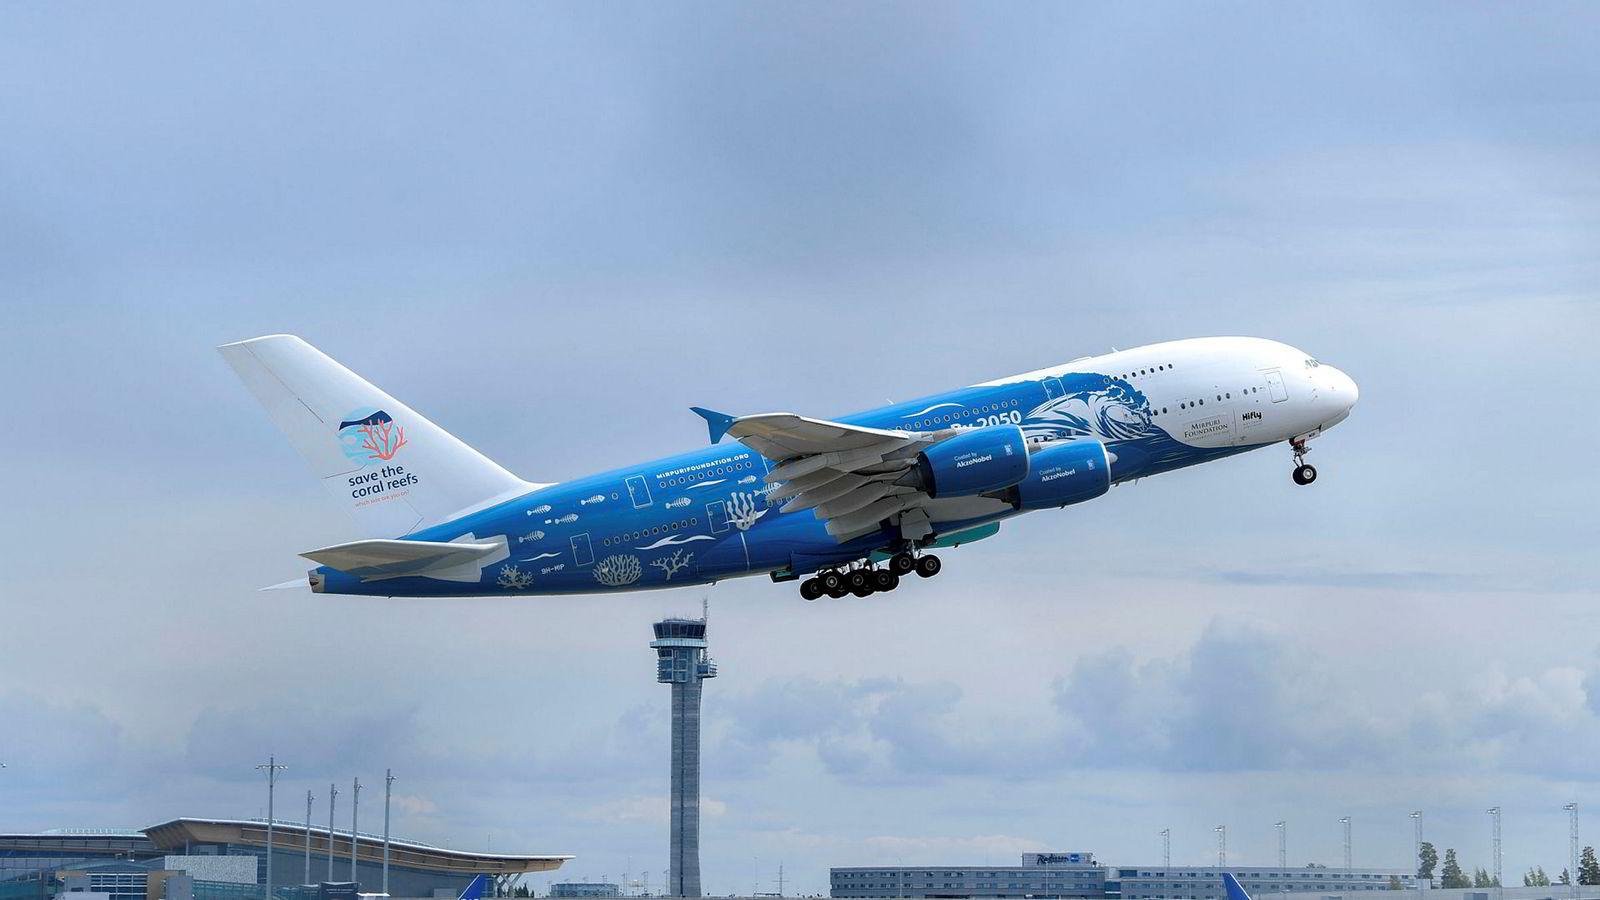 Airbus A380 er verdens største passasjerfly. Dette A380-flyet fra portugisiske HiFly ble leid inn av charterselskapet Ving og tok av fra Oslo lufthavn forrige torsdag for å frakte nordmenn til og fra Mallorca.